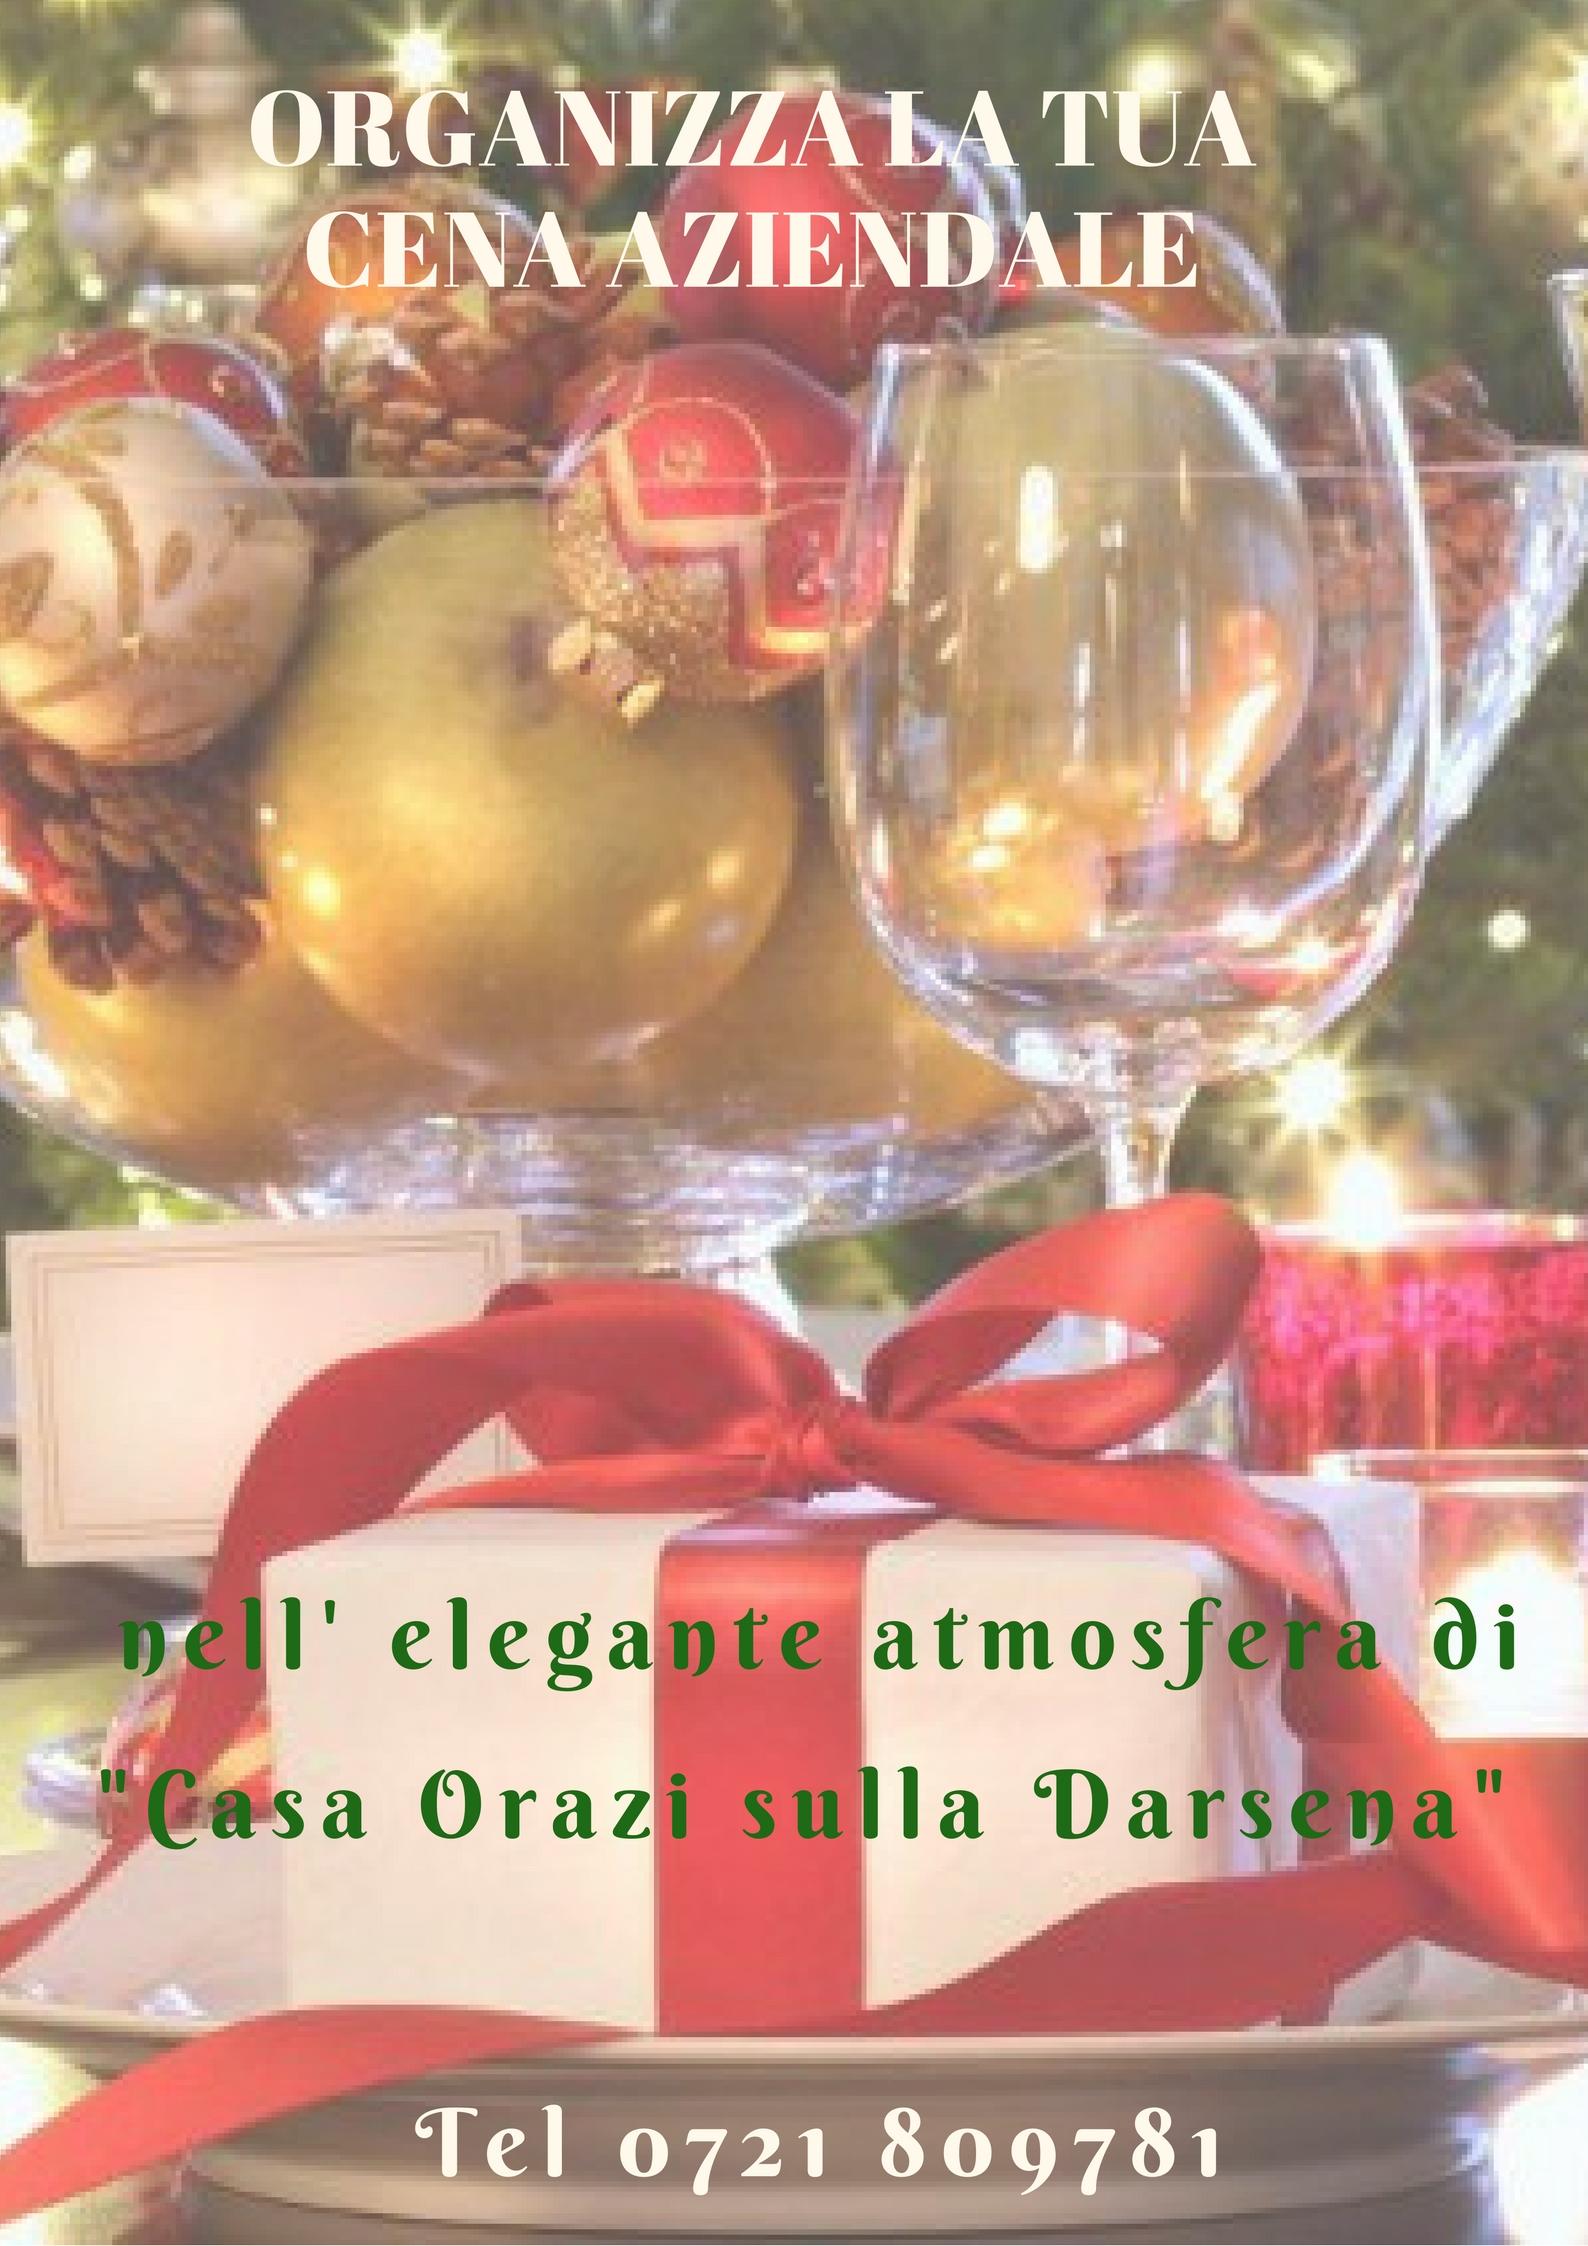 Cena Aziendale di Natale 2017 a Fano